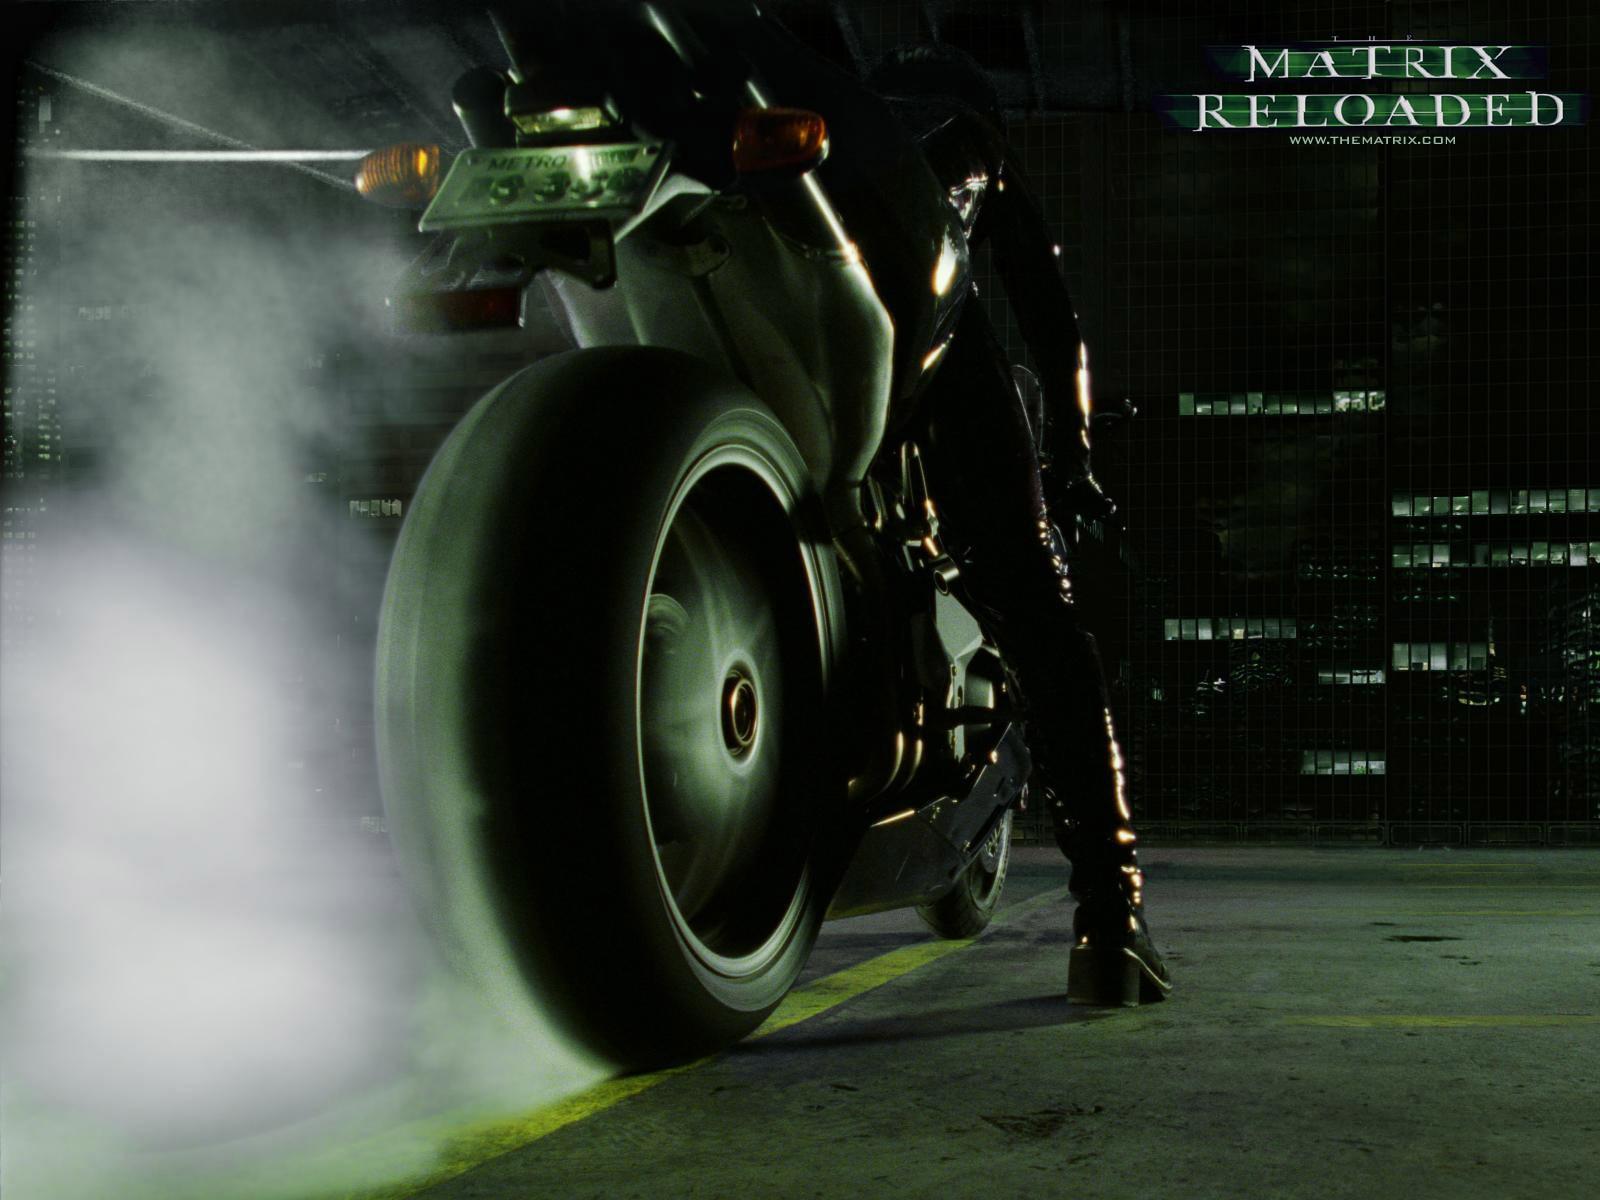 Wallpaper sgommata del film 'Matrix Reloaded'